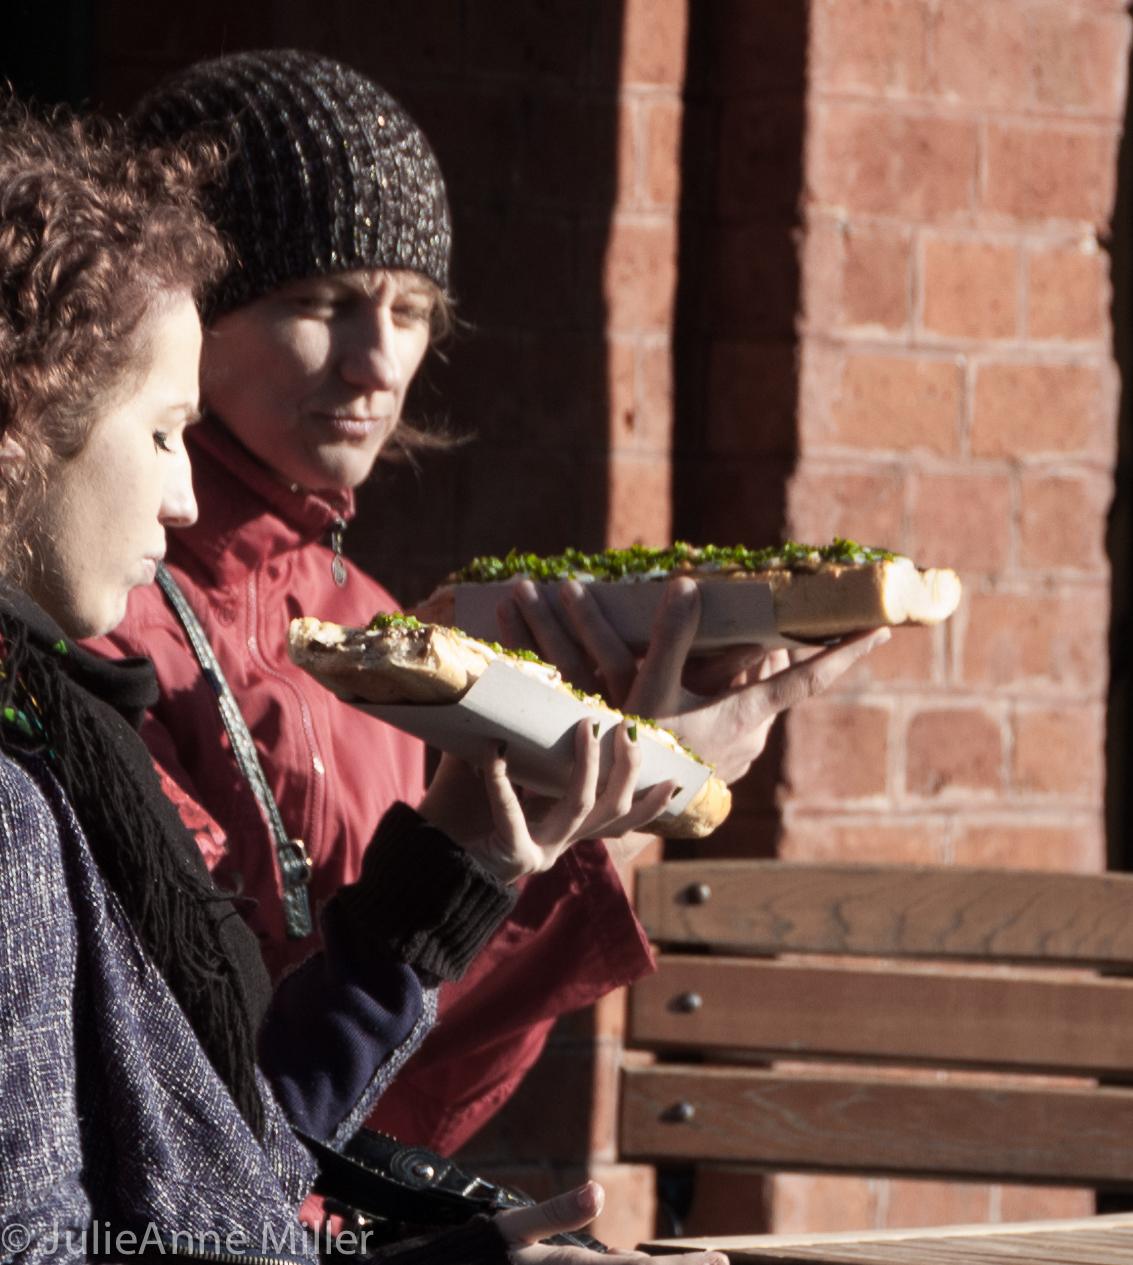 Eating zapiekanki in Plac Nowy